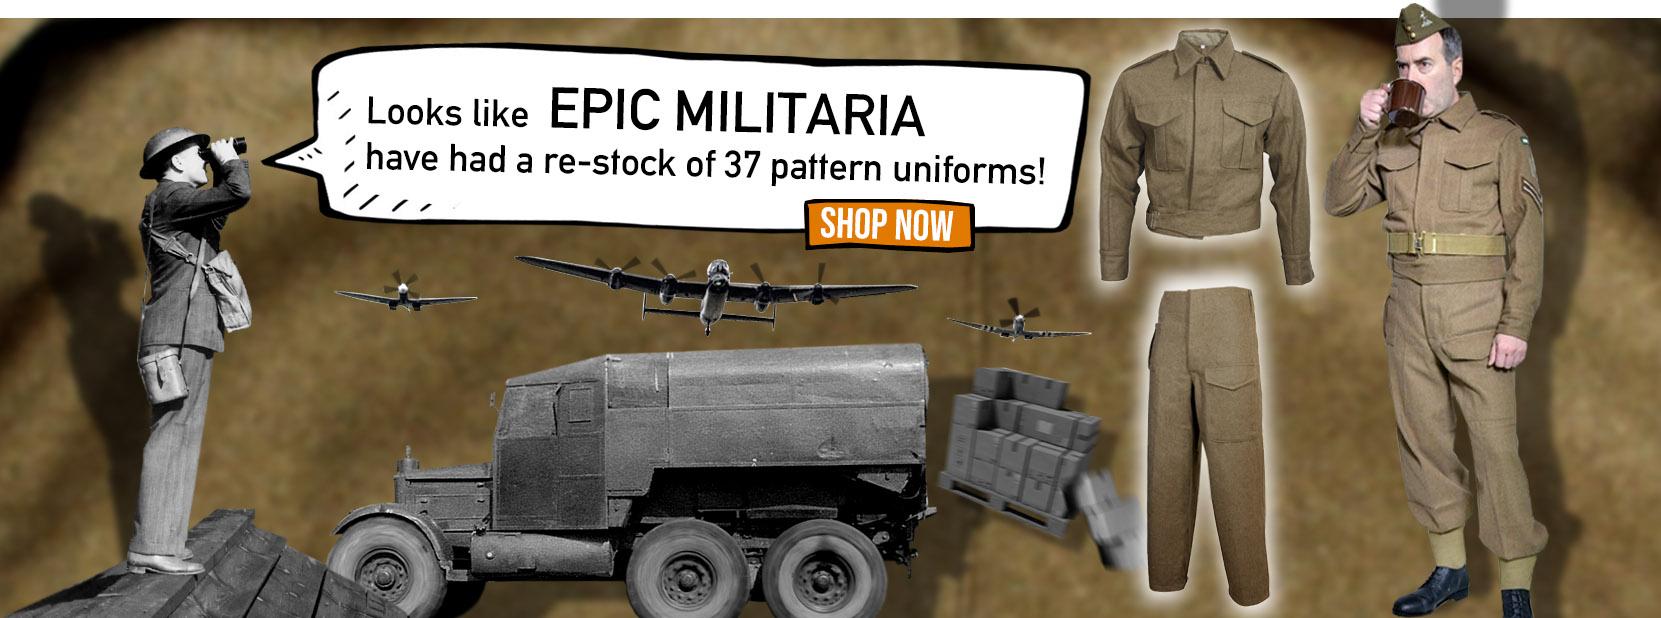 Army & Navy Surplus Epic Militaria